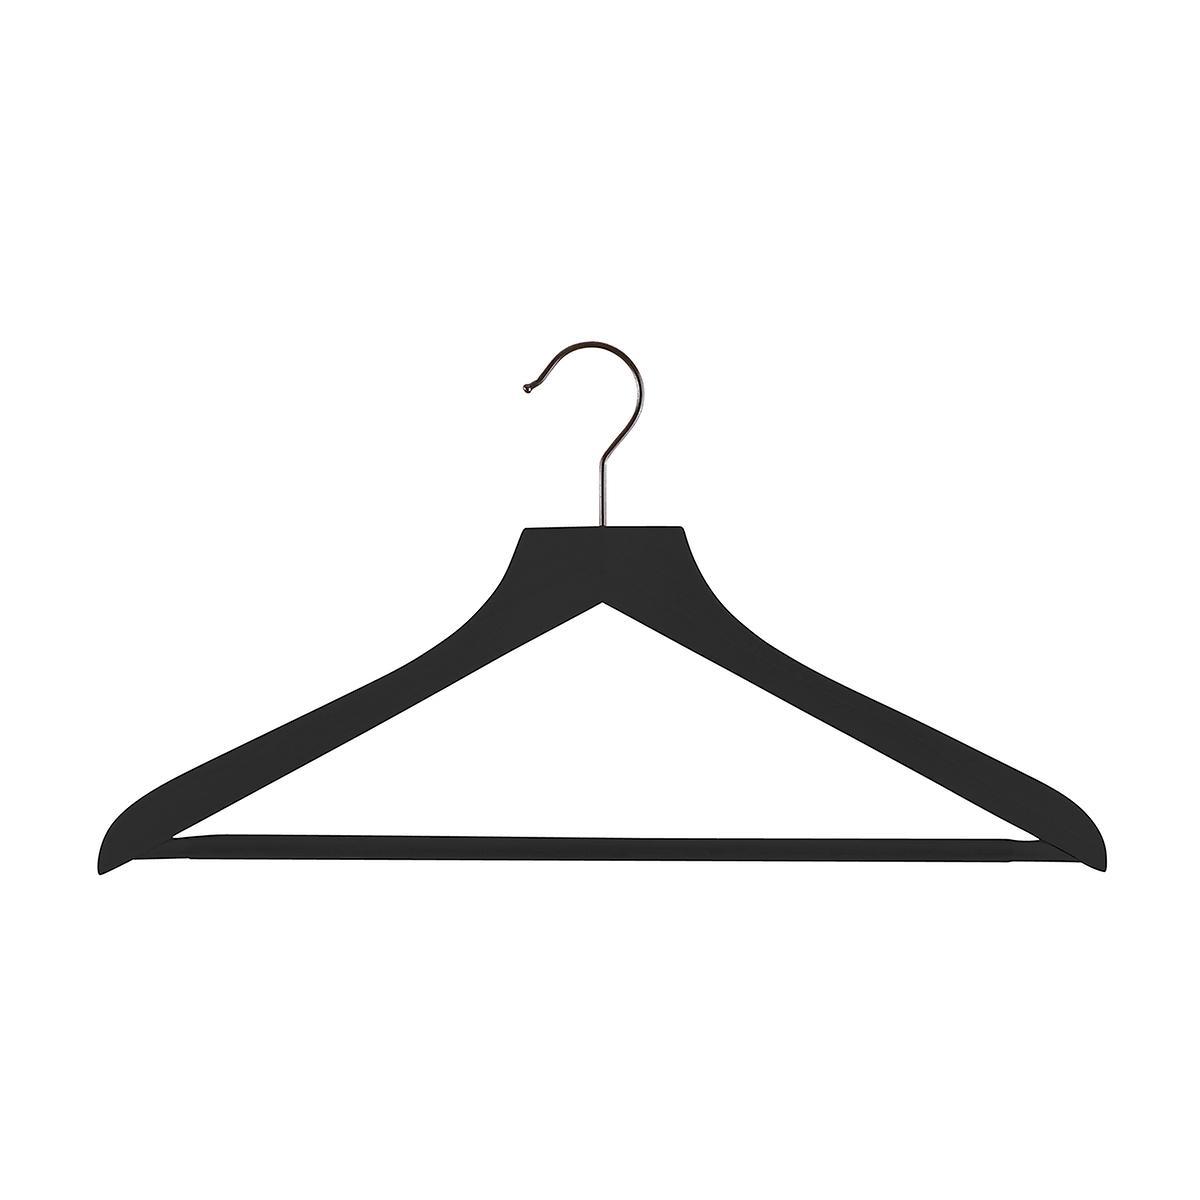 Wooden hanger clipart clip free Petite Black Wooden Hangers Pkg/6 clip free